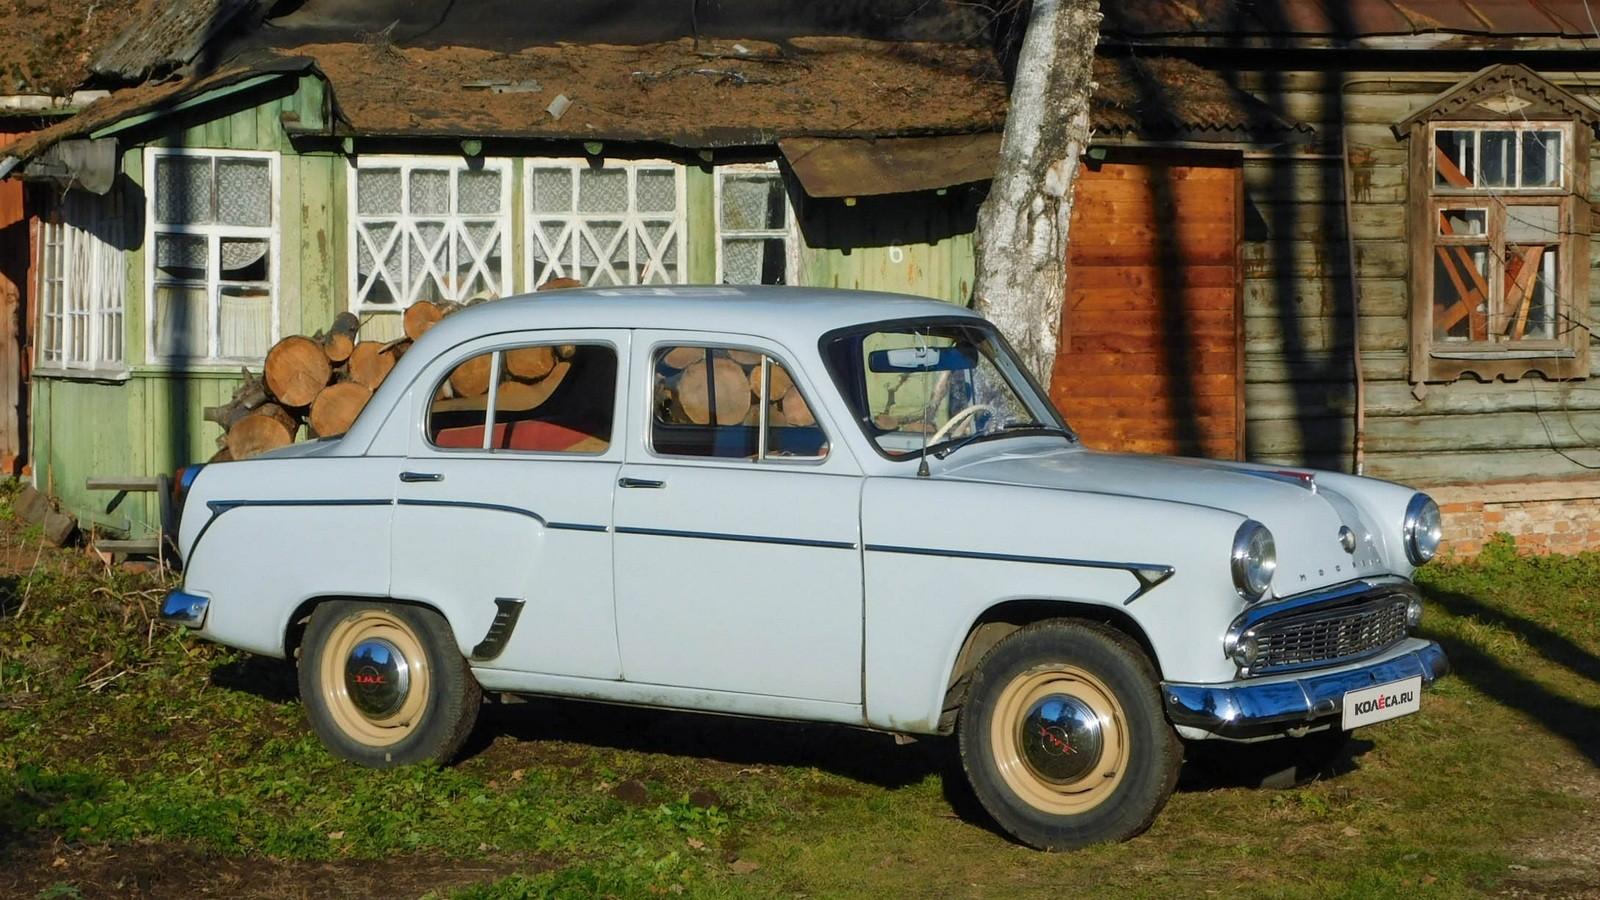 Москвича 407 три четверти (2)